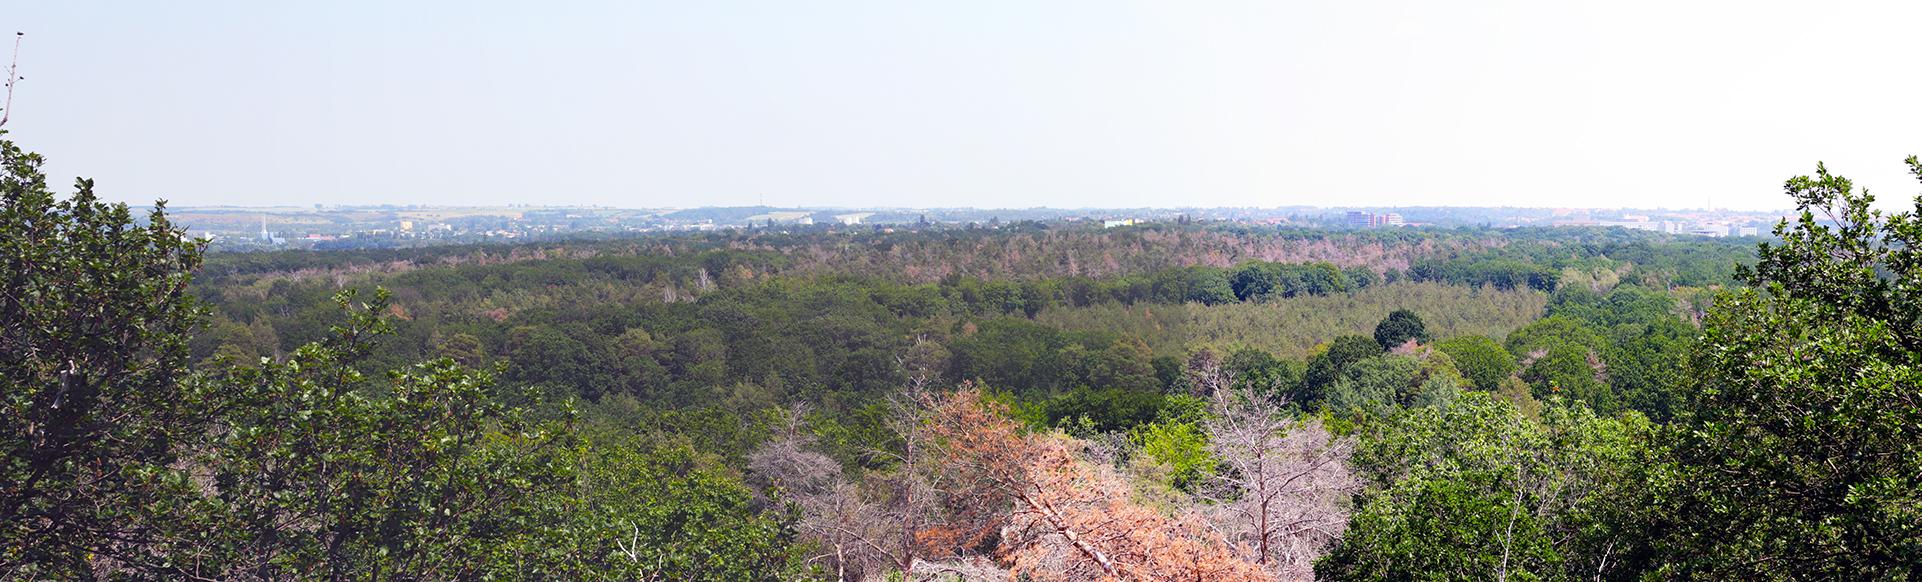 Panorama der Dölauer Heide mit Blick vom Kolkturm in Halle (Saale)